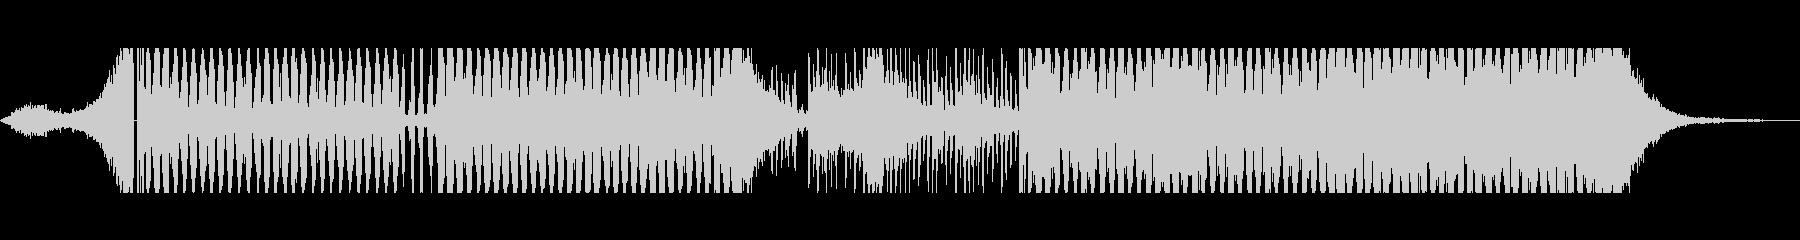 モダンエレクトロコンテンポラリーポ...の未再生の波形